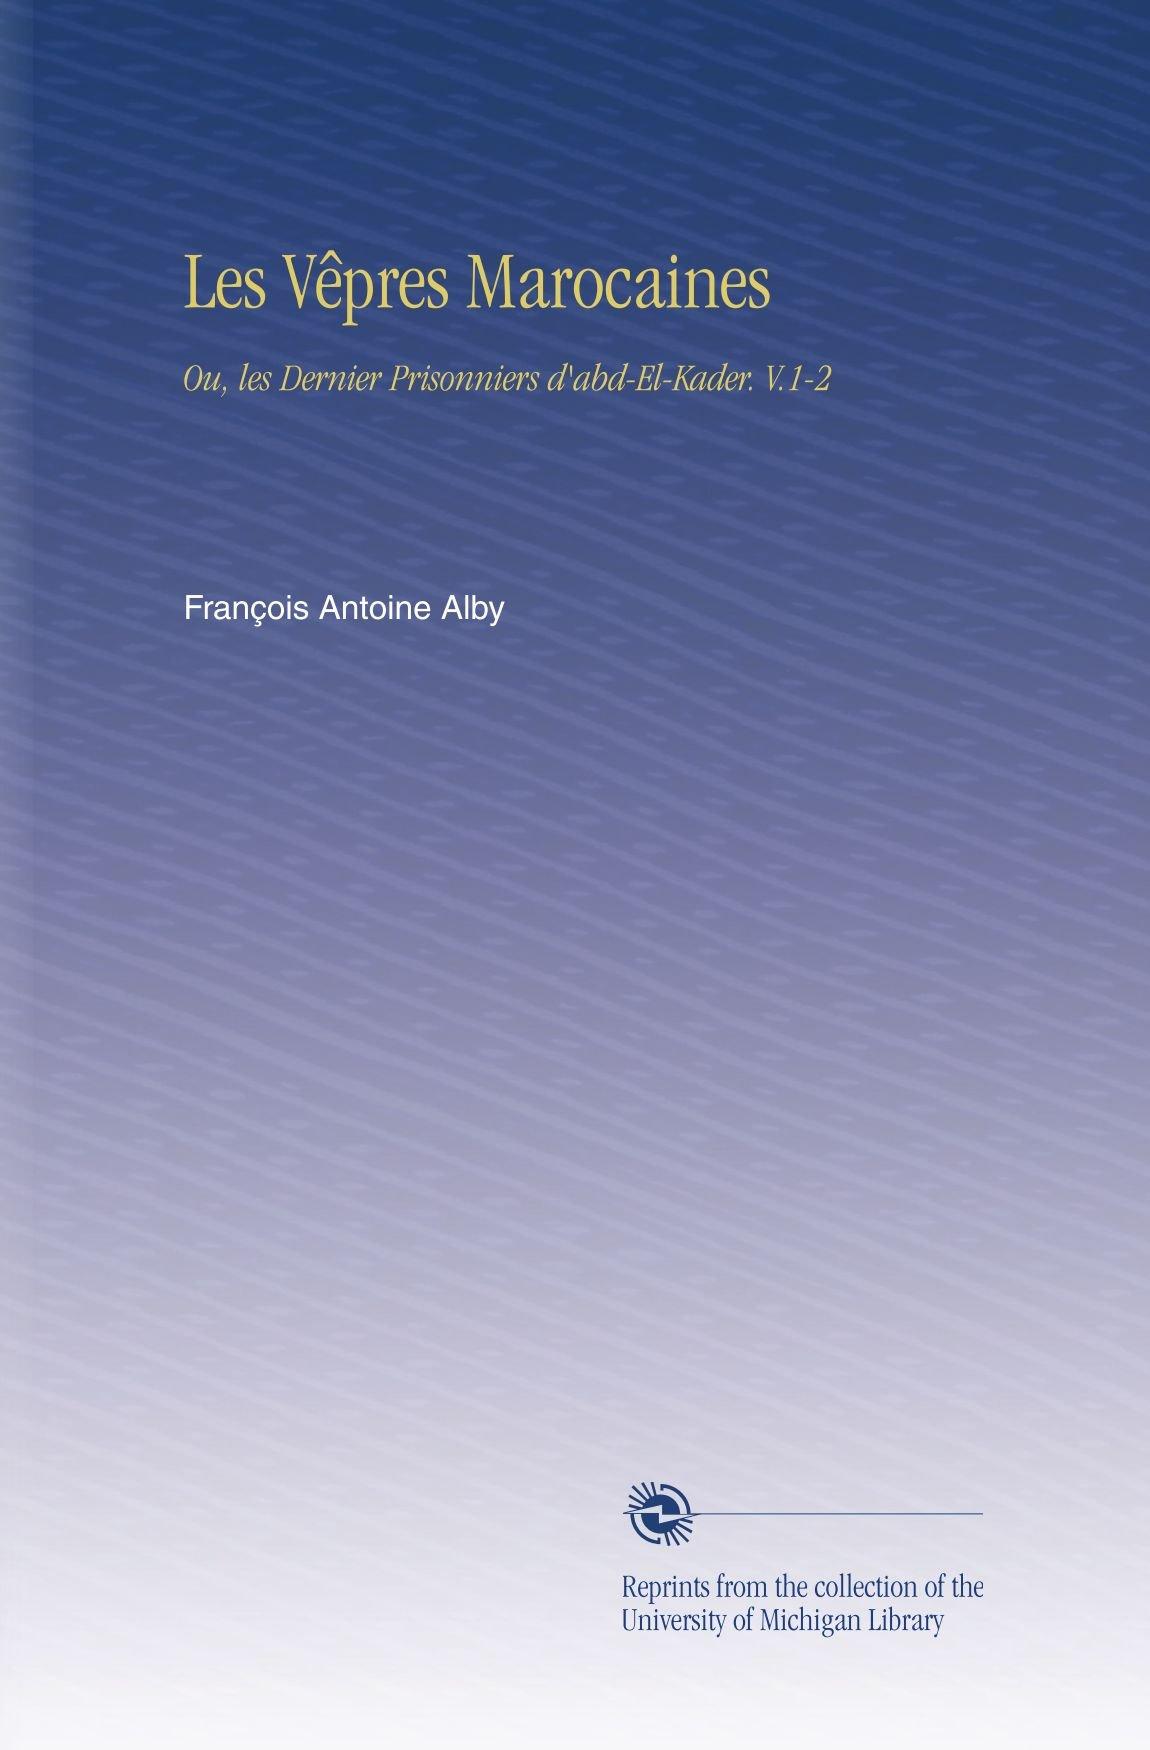 Les Vêpres Marocaines: Ou, les Dernier Prisonniers d'abd-El-Kader. V.1-2 (French Edition) ebook